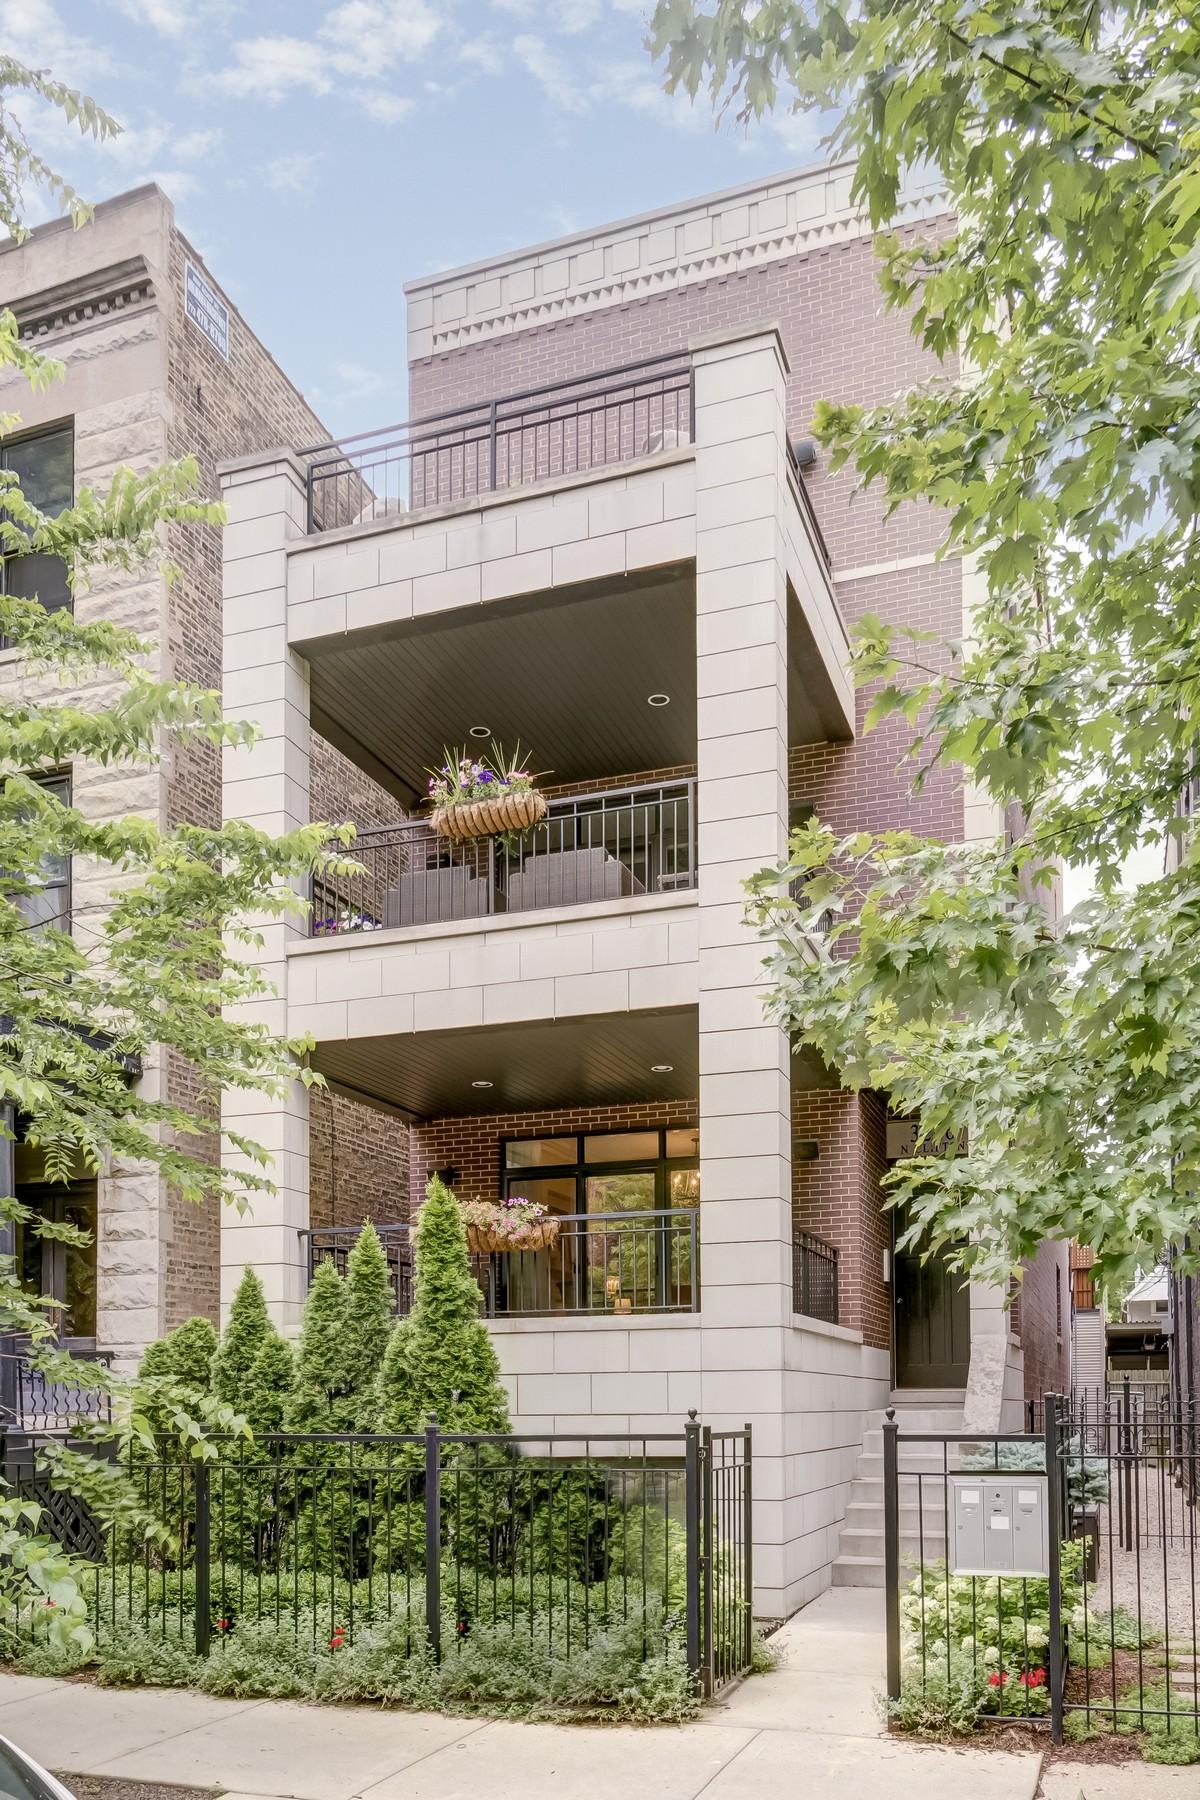 Casa para uma família para Venda às Spacious Four Bedroom Duplex 3226 N Clifton Unit 1 Chicago, Illinois, 60657 Estados Unidos